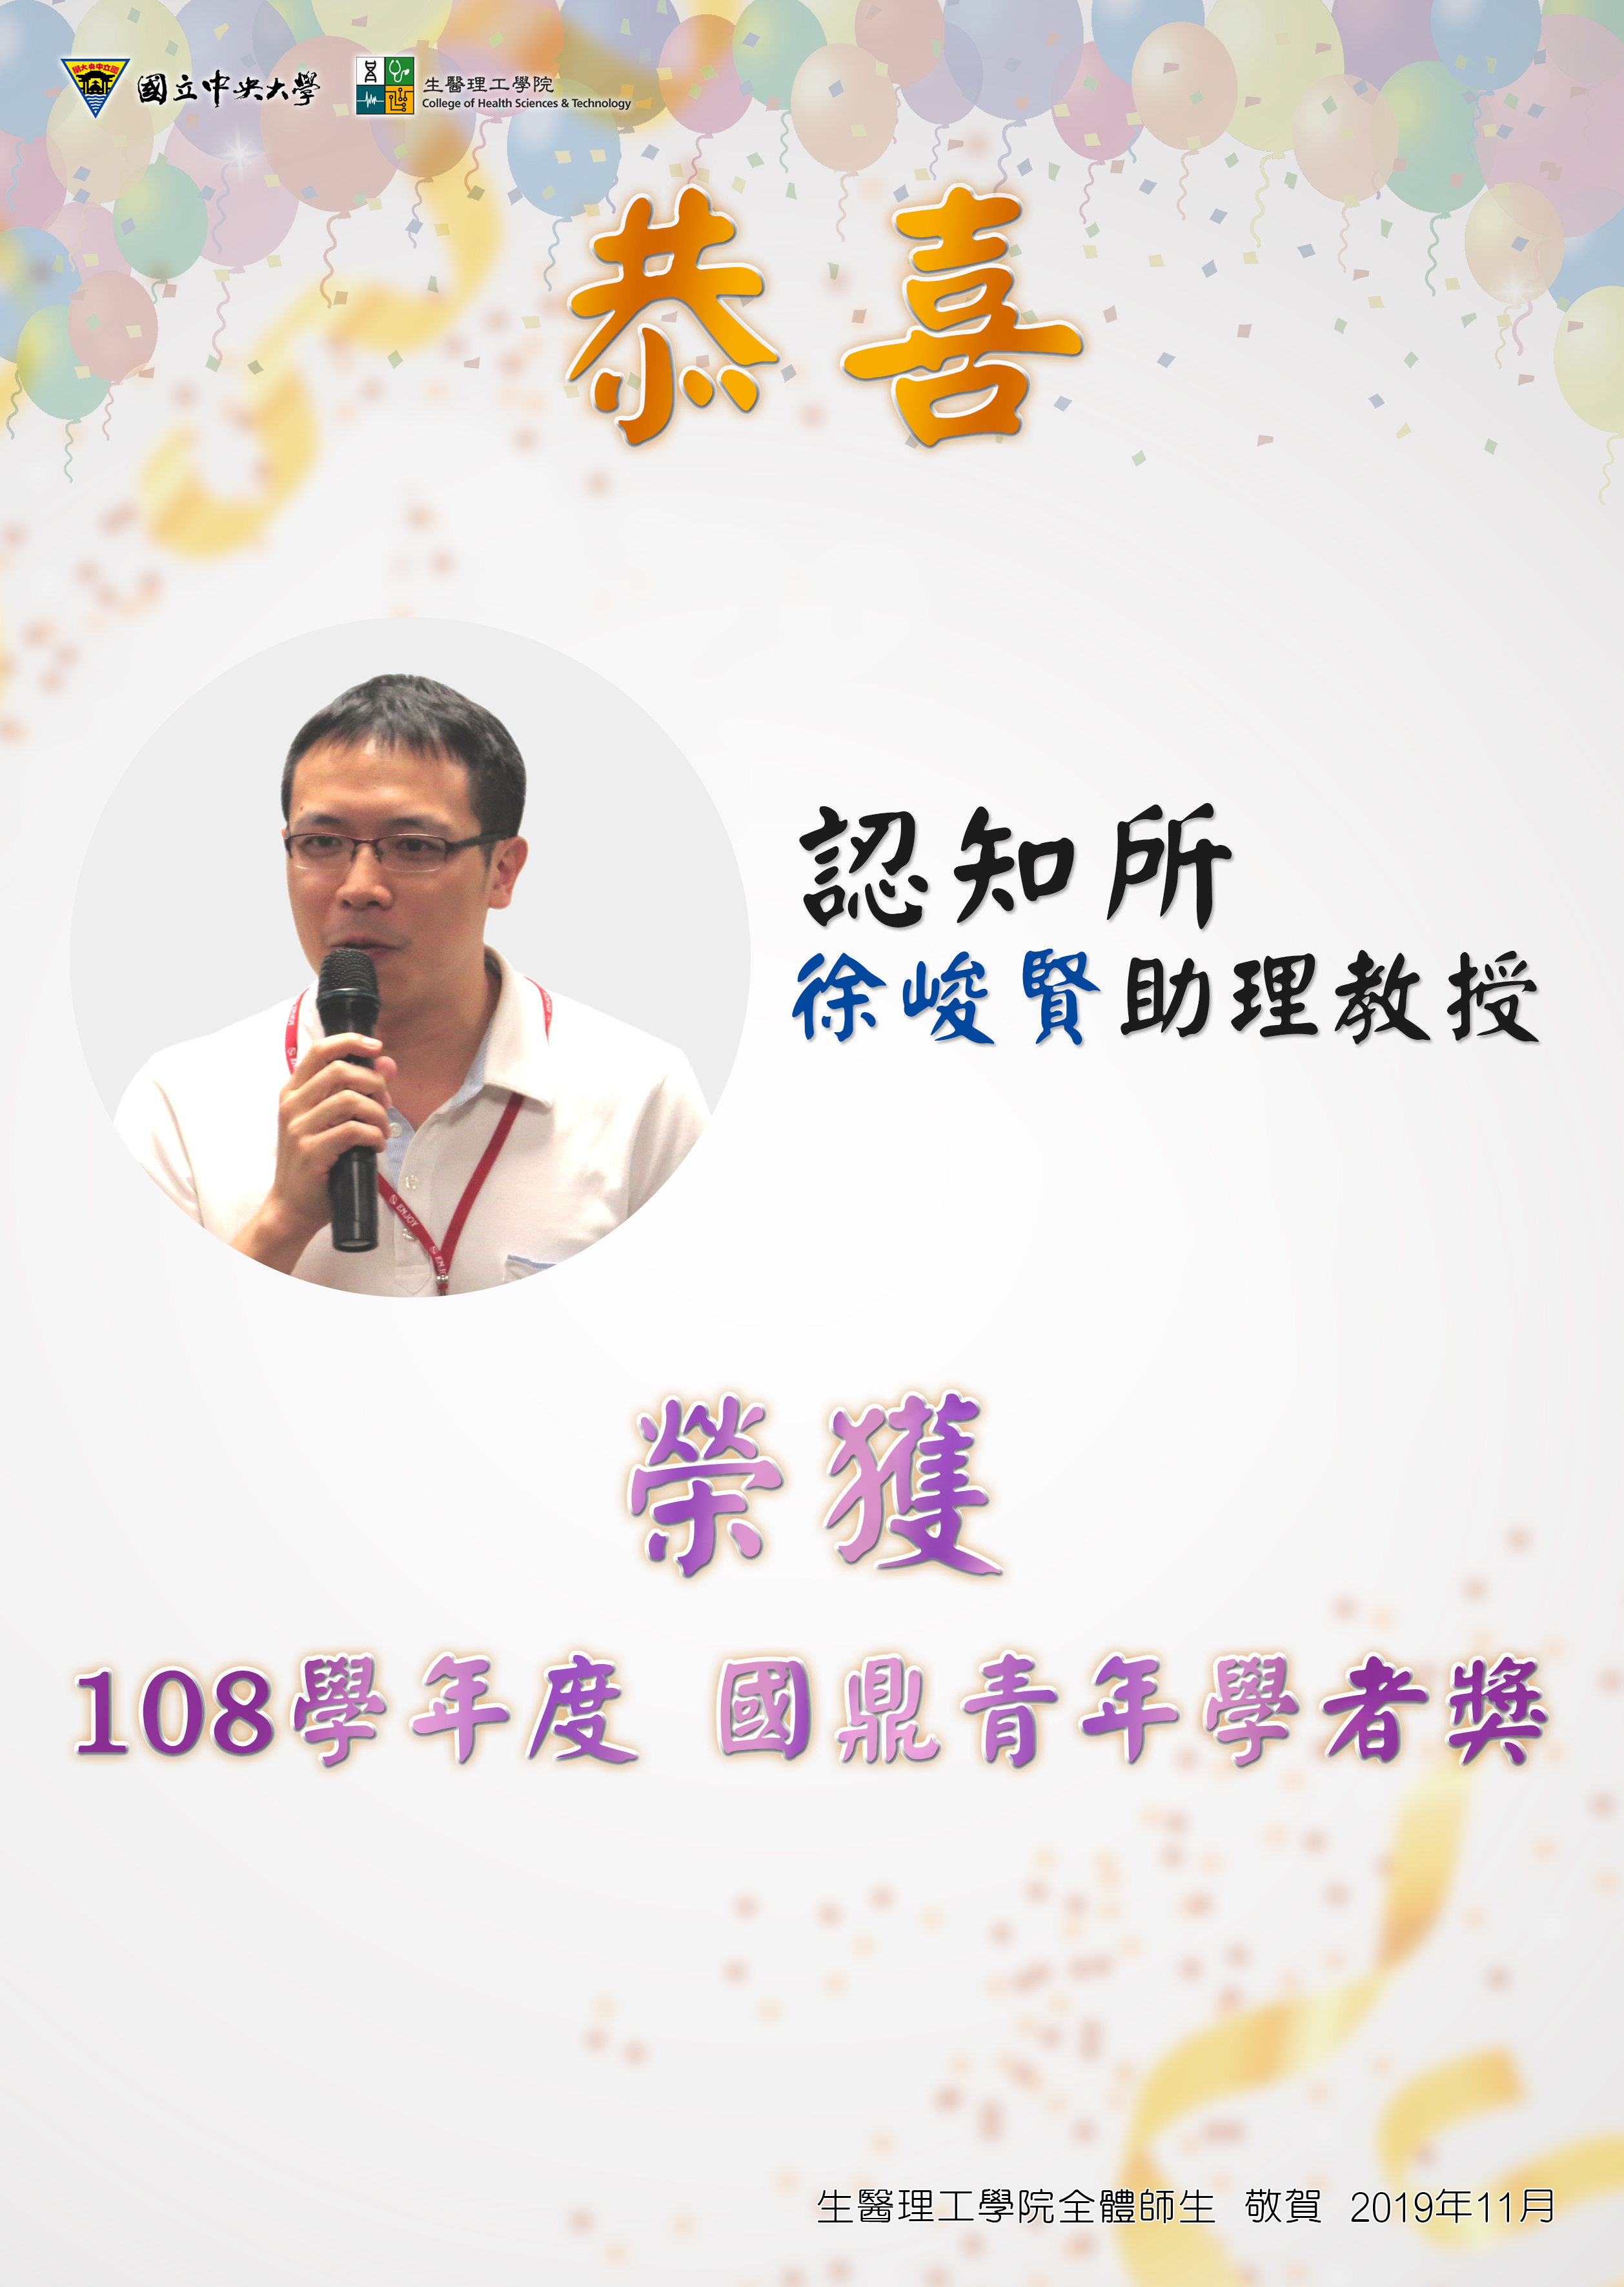 【恭賀】恭賀認知所徐峻賢老師 榮獲108學年度「國鼎青年學者獎」